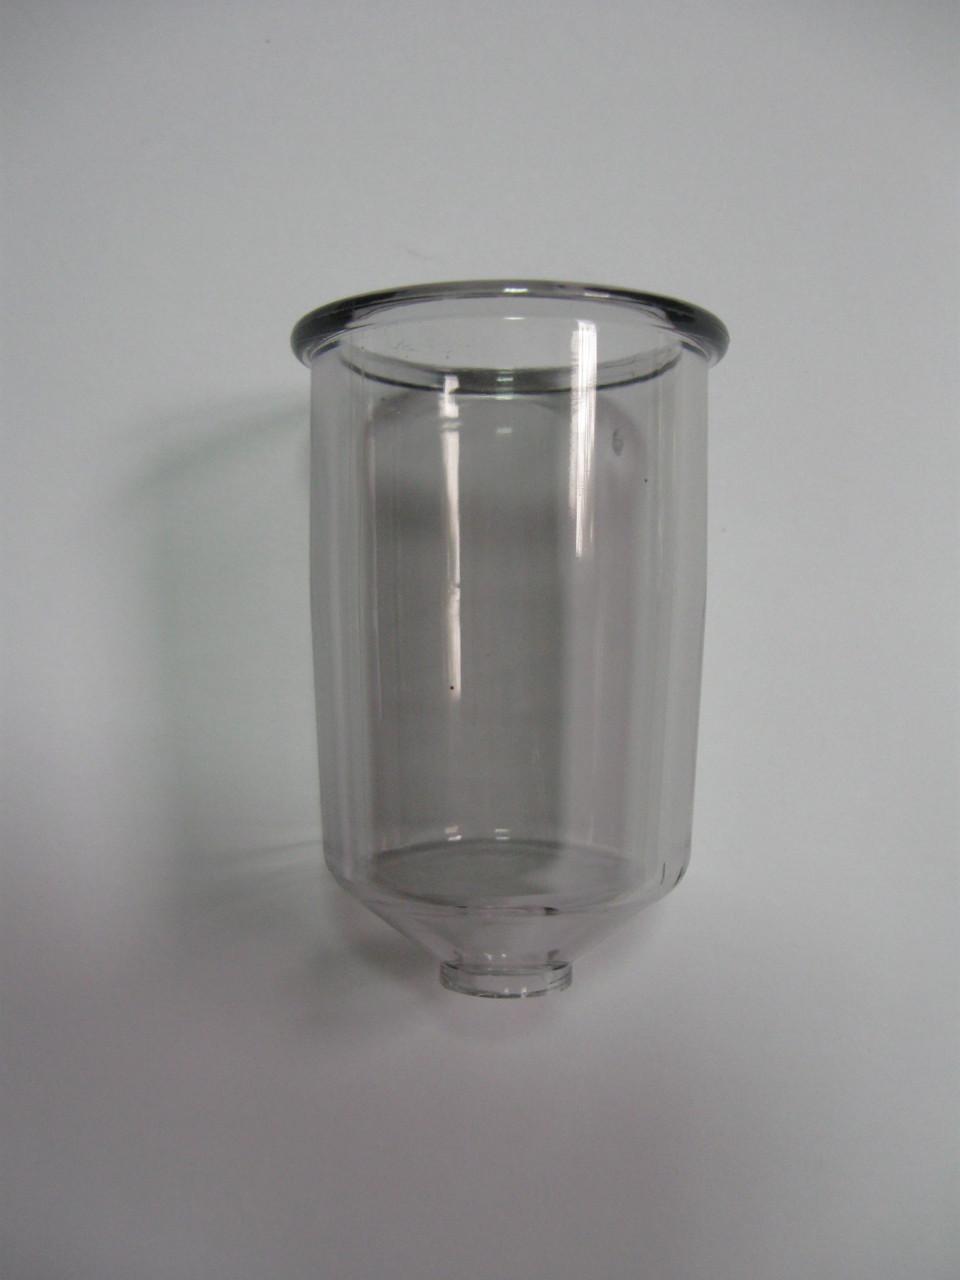 Стакан,заливная вставка-воронка в крышку блендера,кухонного комбайна Bosch 00263816